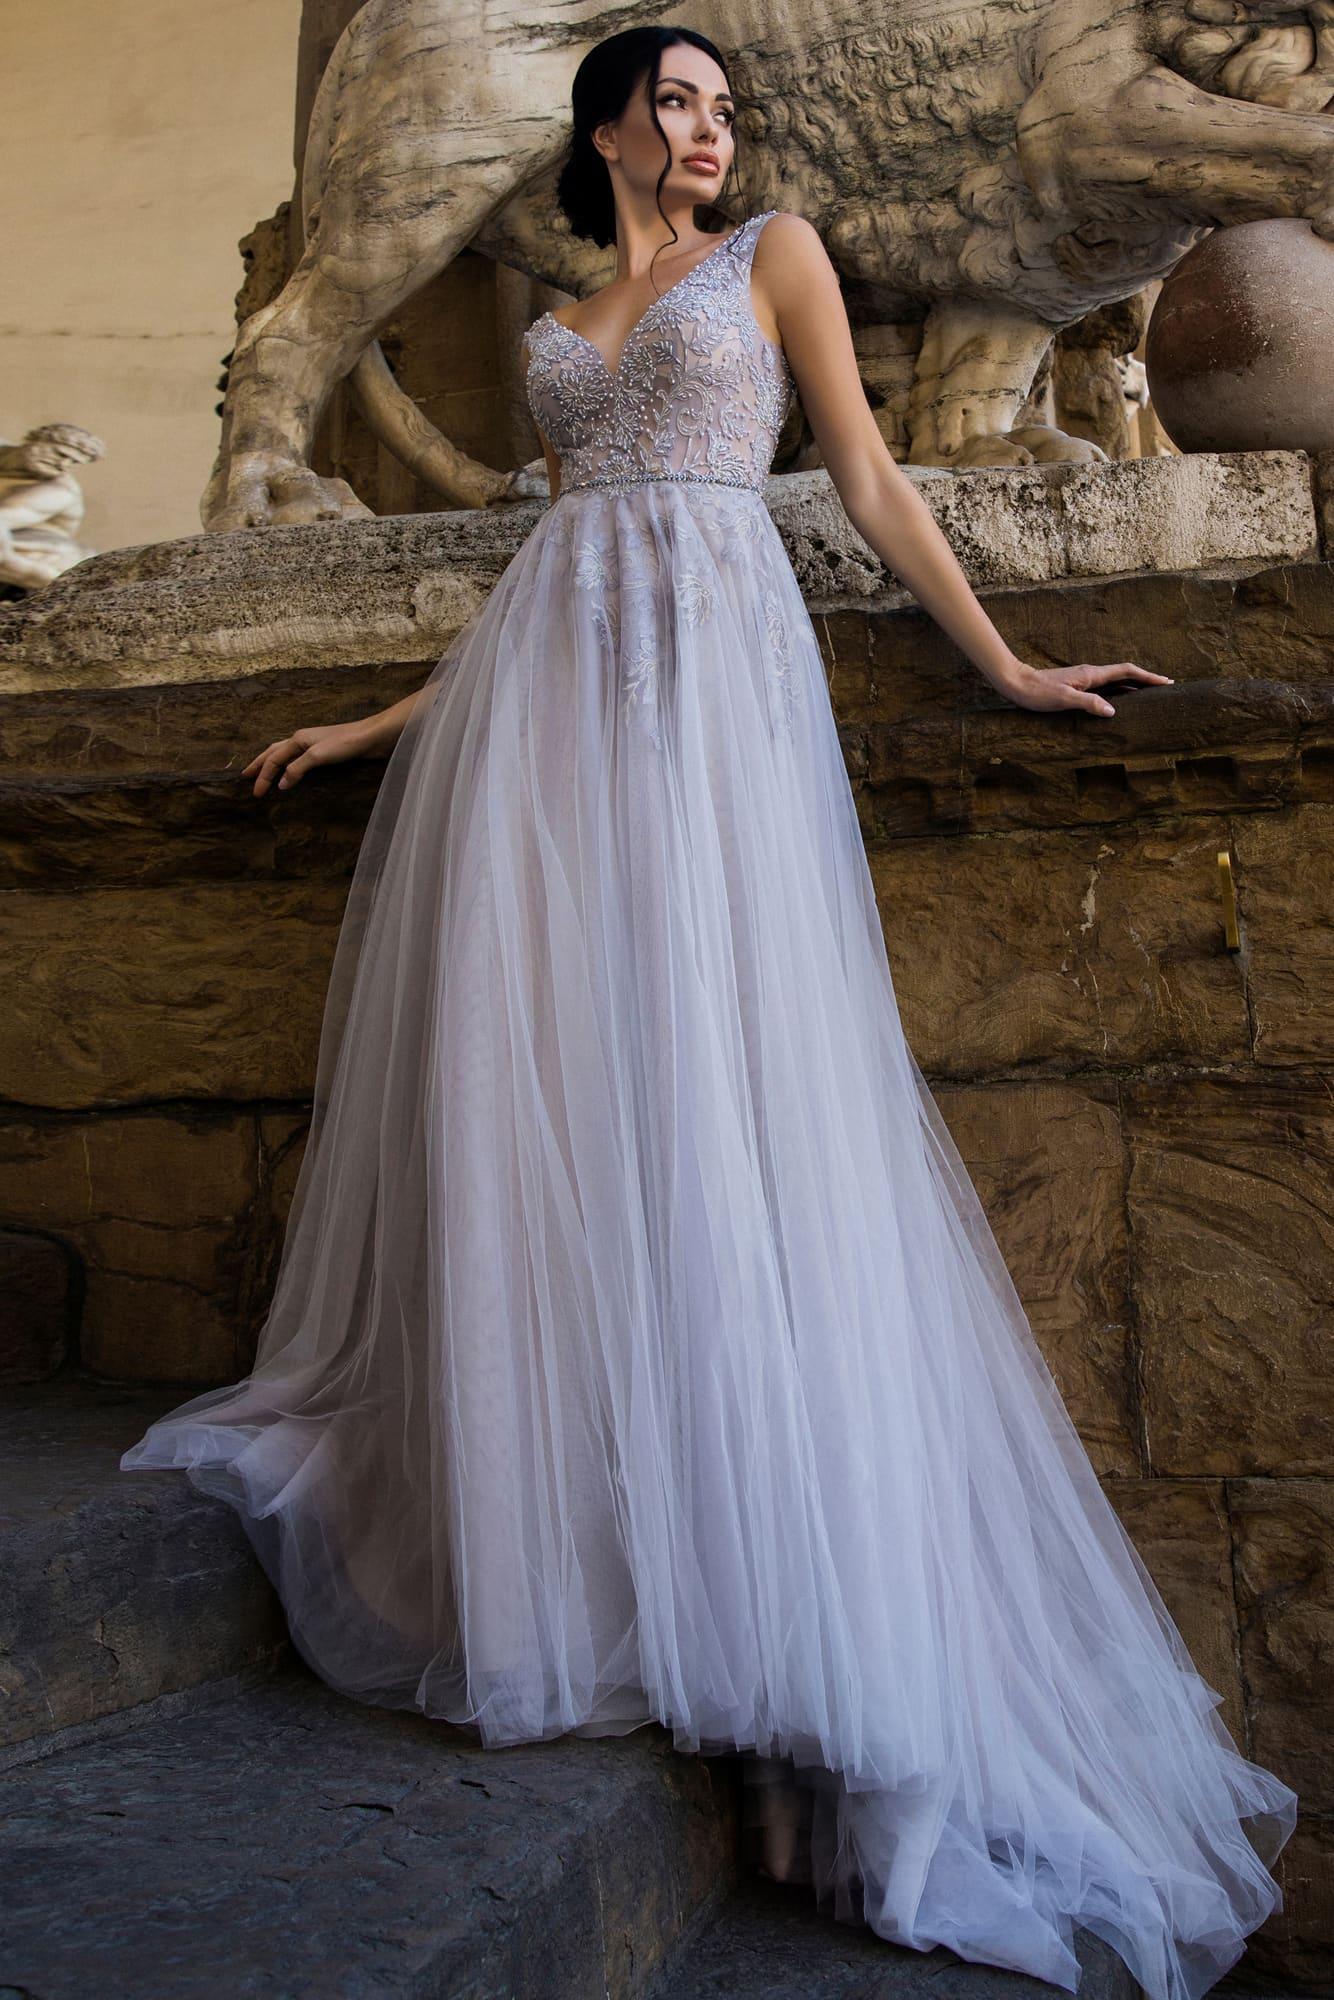 Голубое свадебное платье с легкими складками по юбке и бисерным декором лифа.